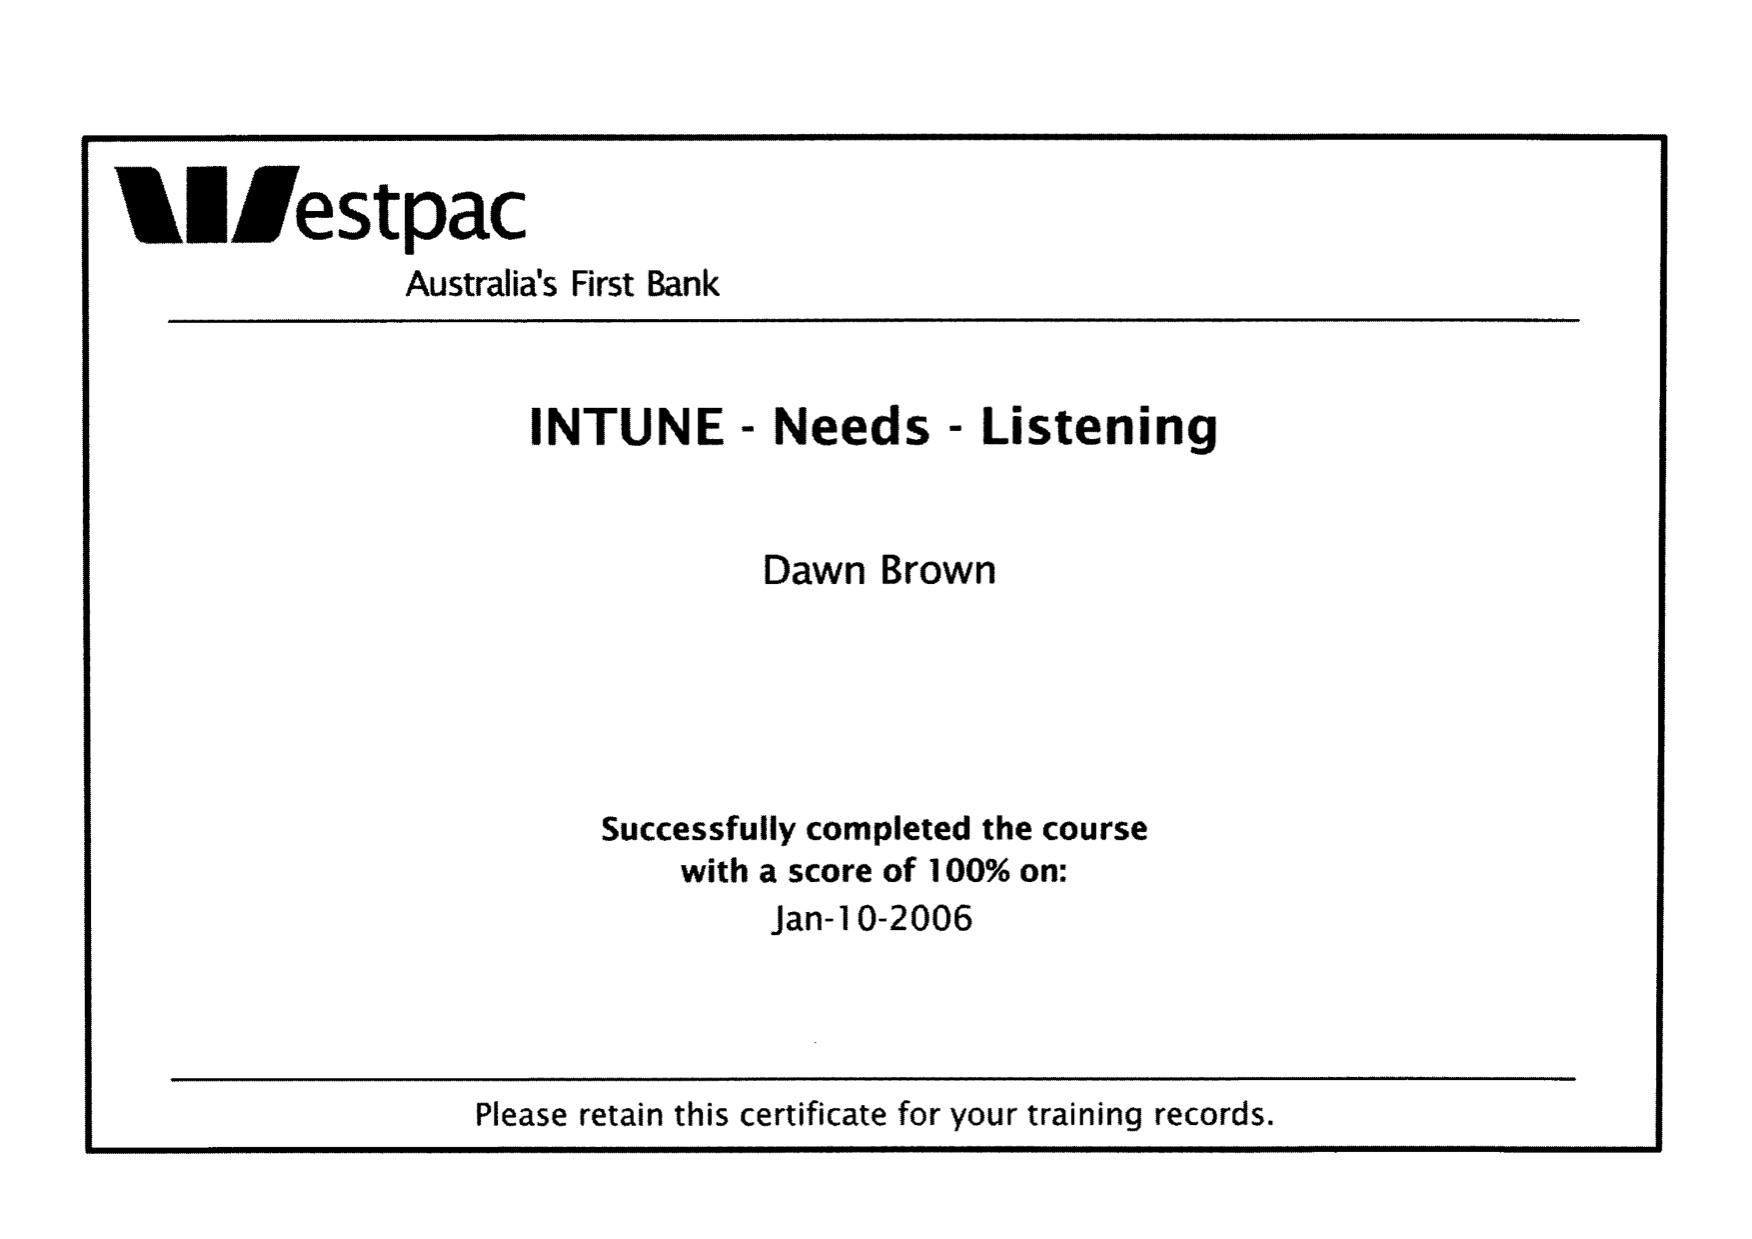 Westpac in tune needs listening certificate